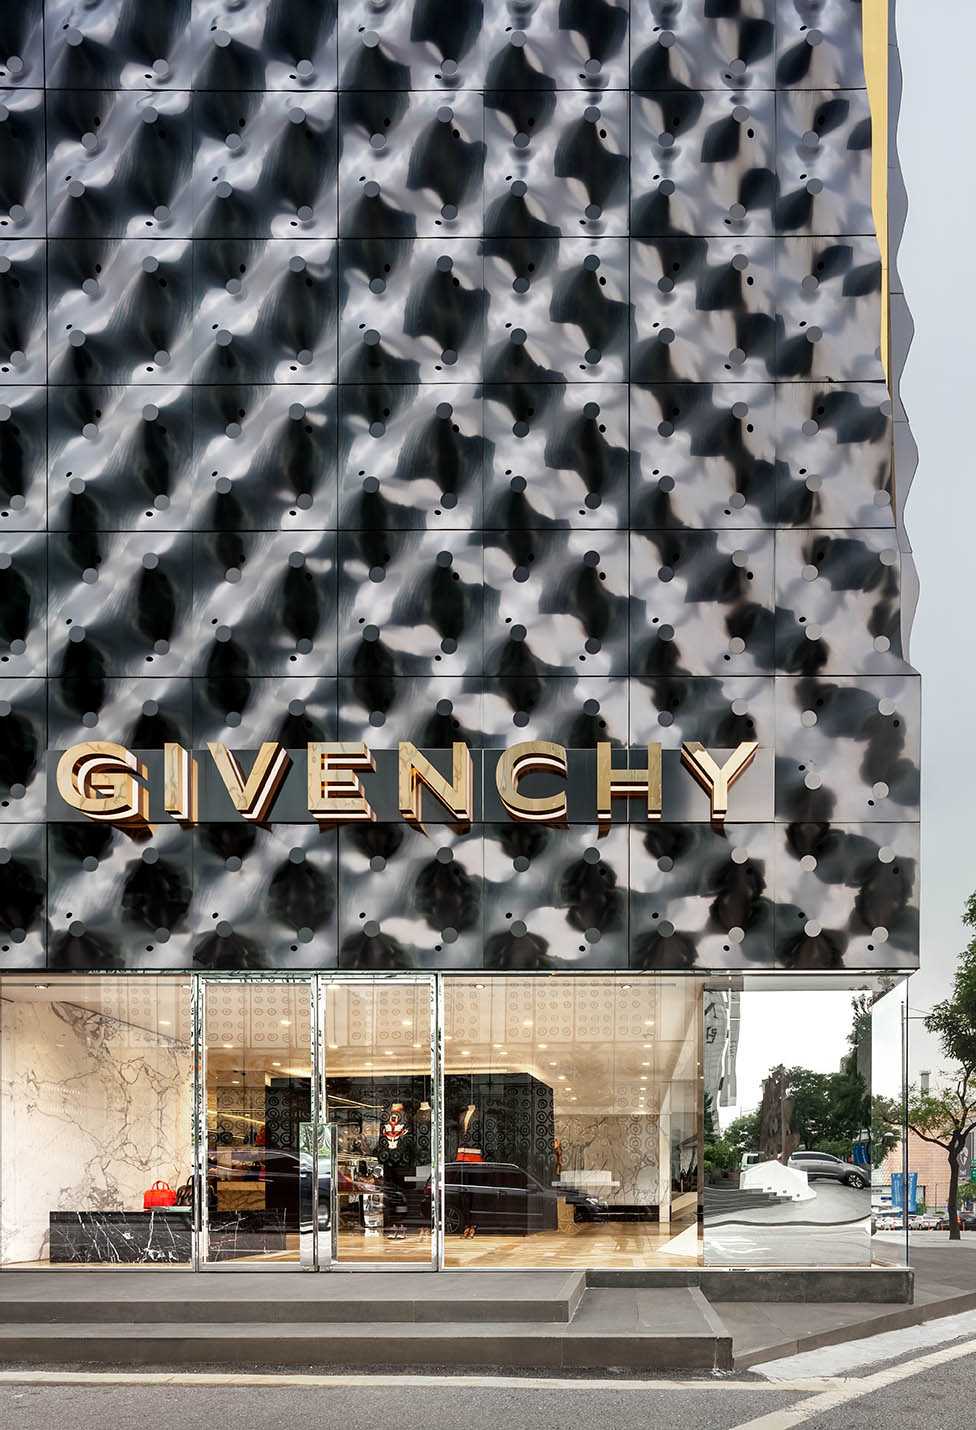 Vista dalla strada, la trasparenza del volume vetrato crea un forte contrasto con il volume superiore materico caratterizzato dai pannelli ondulati che riflettono il dinamismo cittadino.